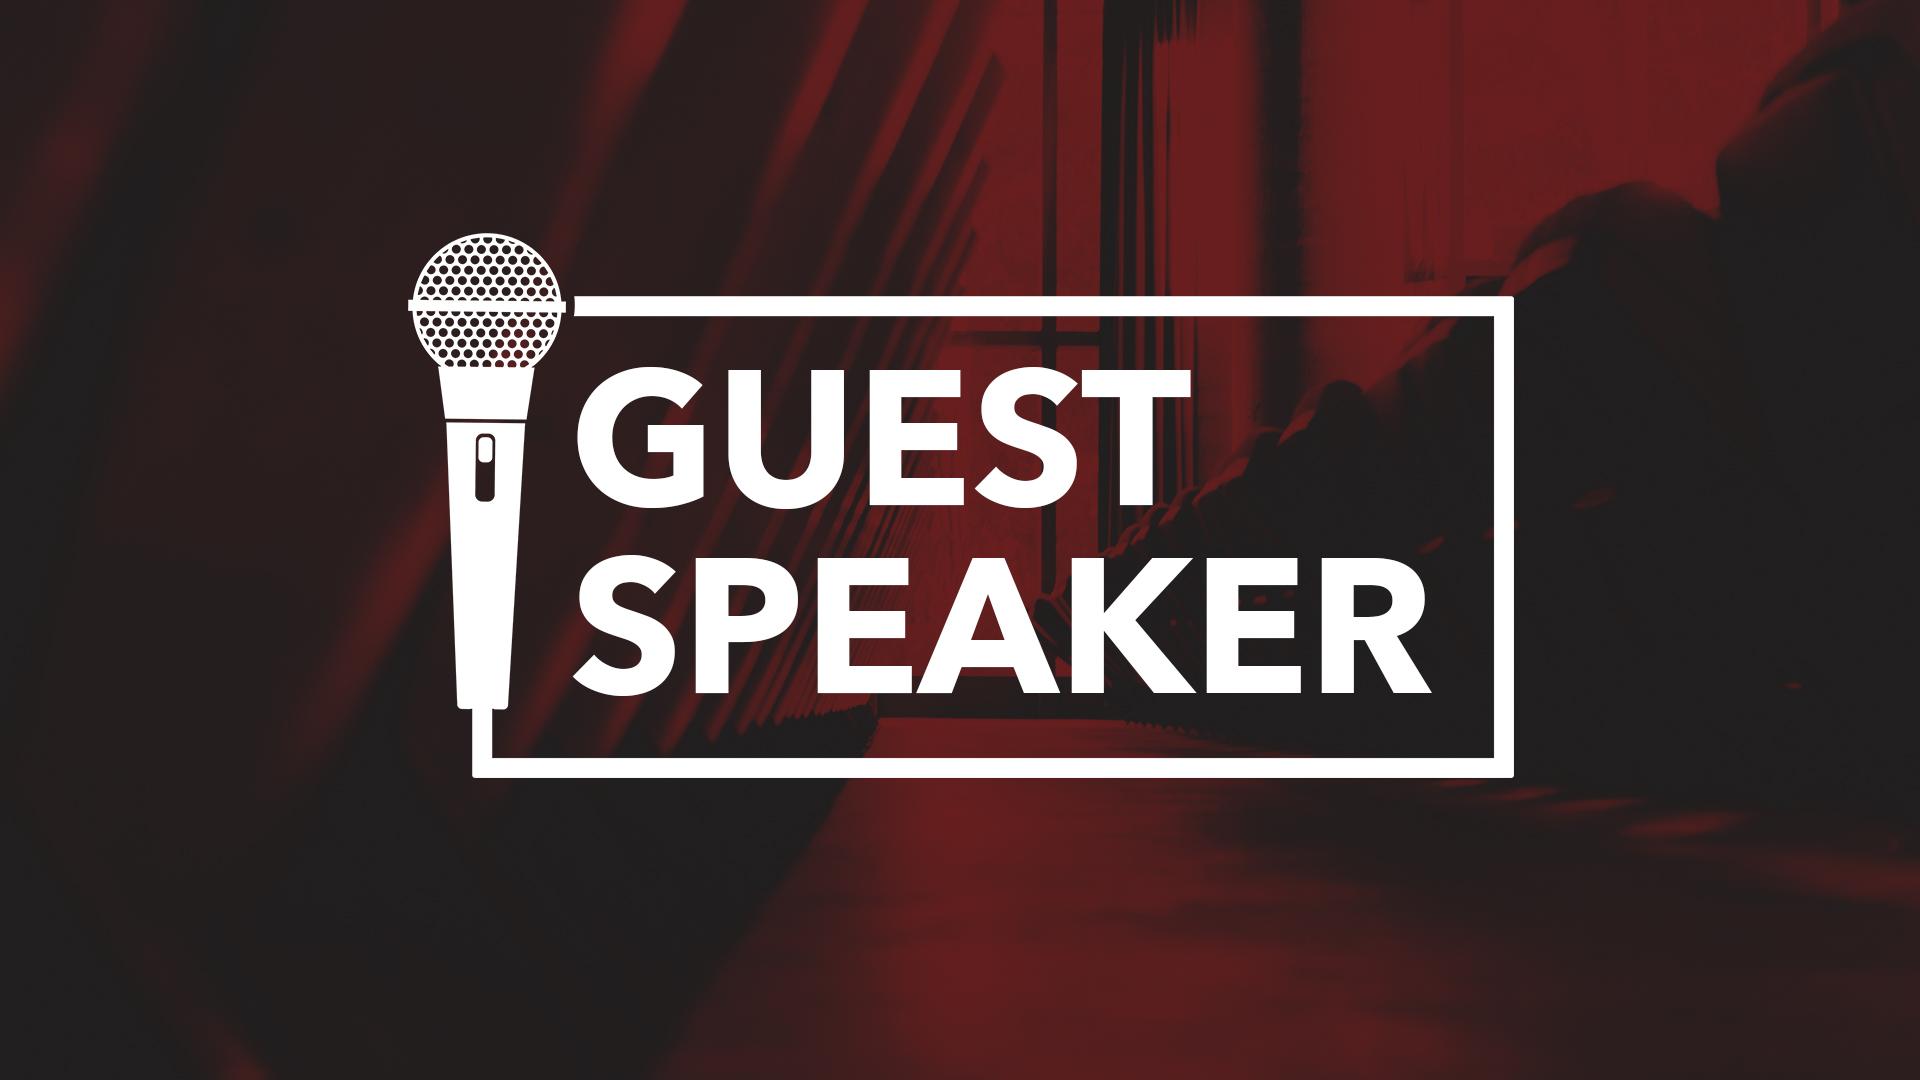 guest_speaker-title-1-Wide 16x9.jpg